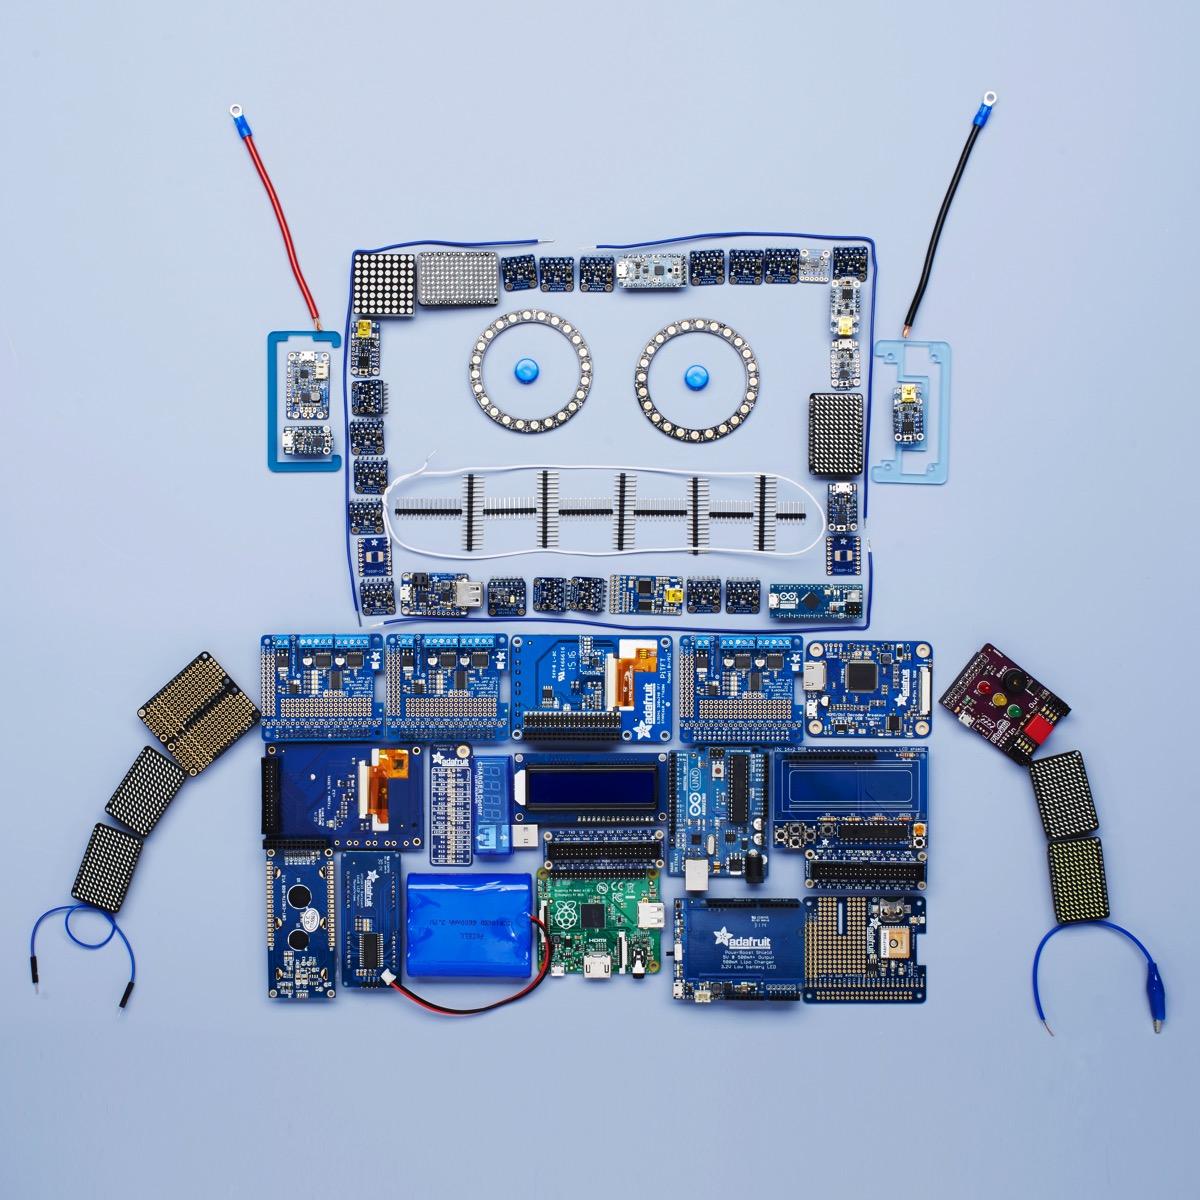 Adabot Boards